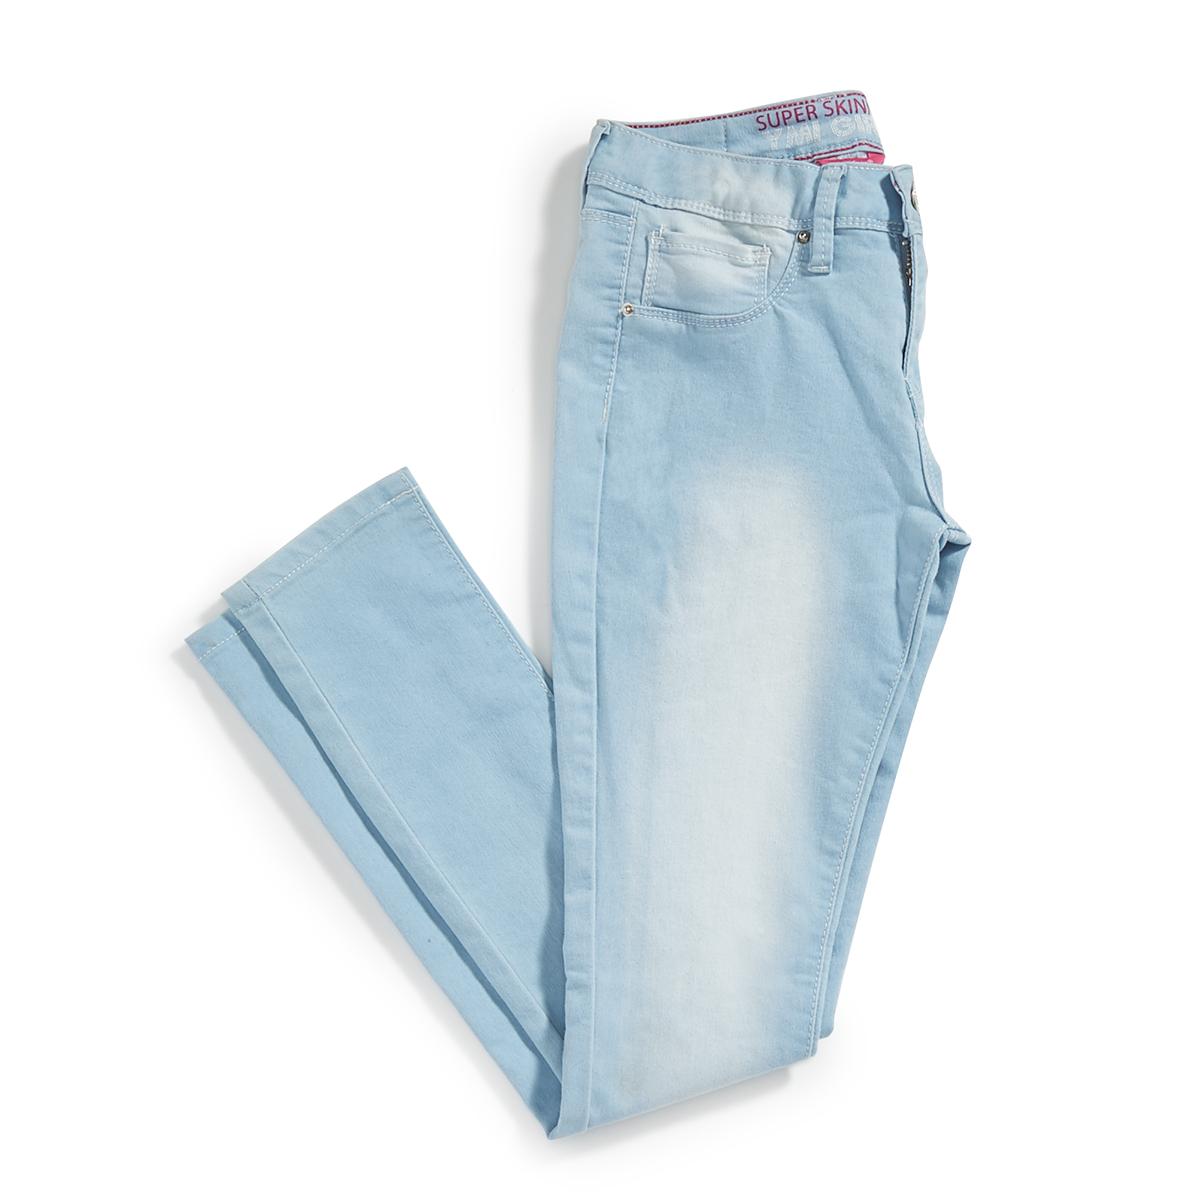 YMI Girls' Basic Skinny Denim Jeggings - Blue, 14